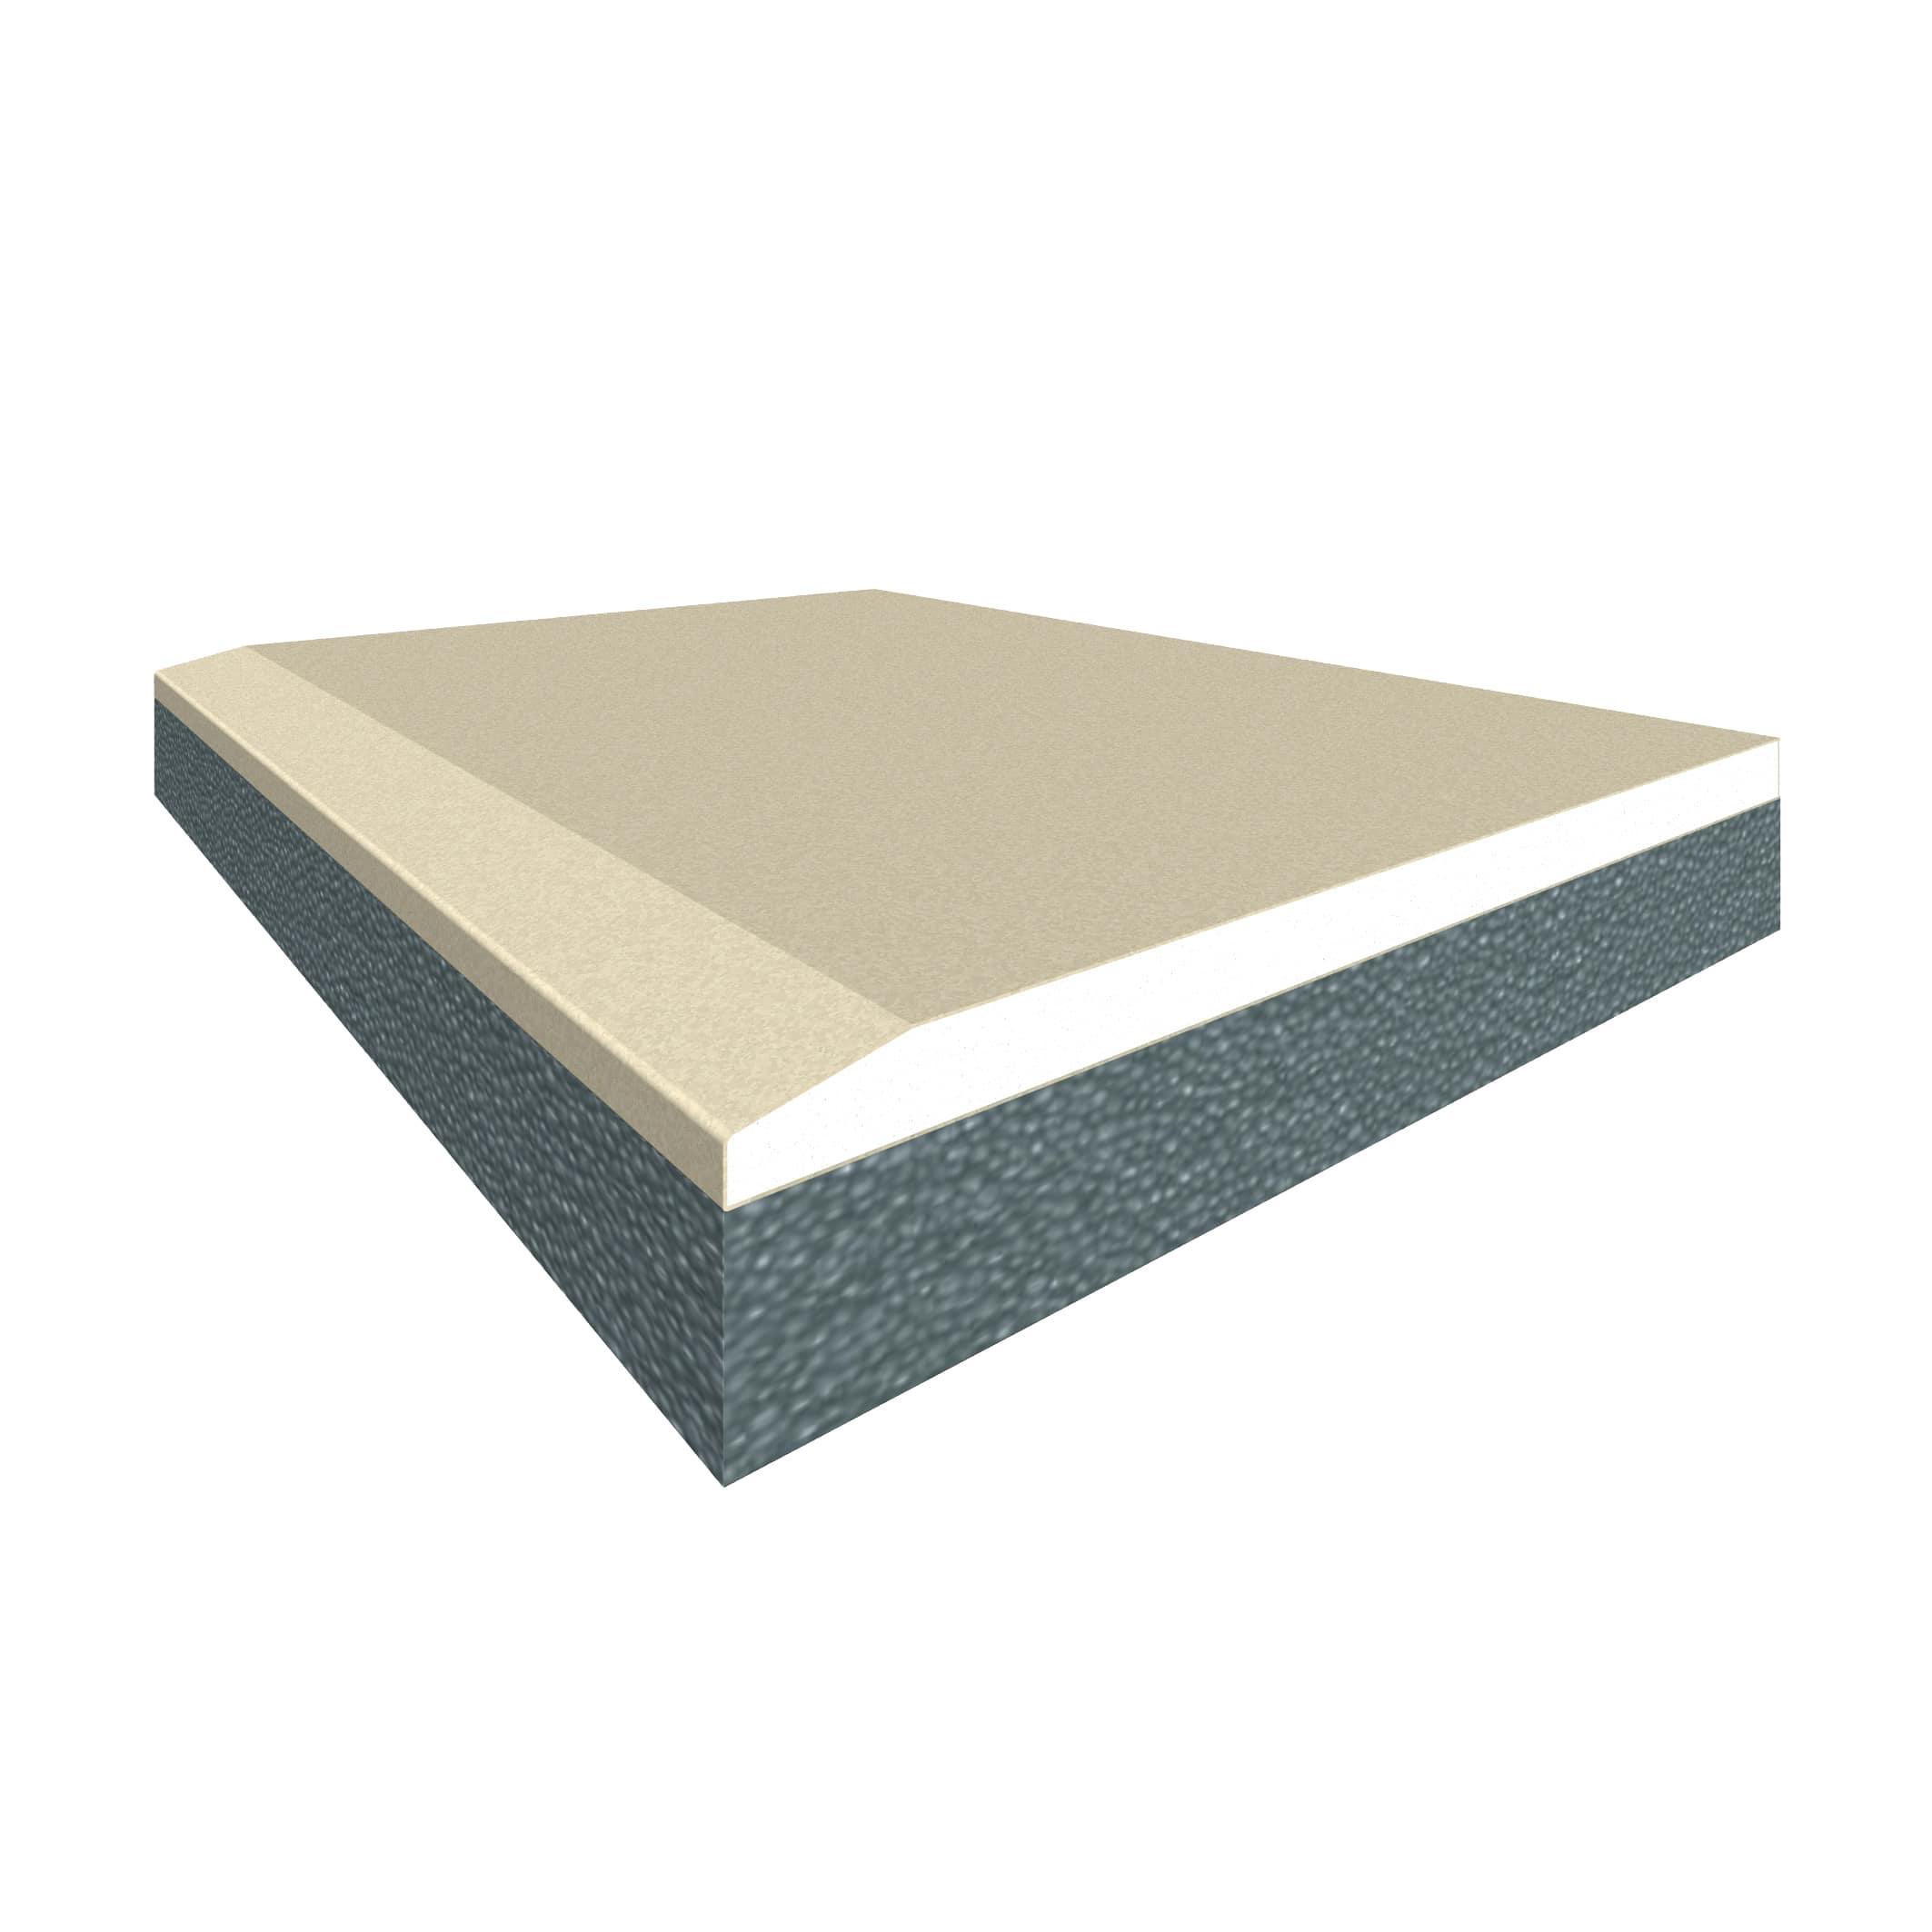 Lastra Di Cartongesso Accoppiata Con Isolante 90 X 200 Cm Spessore